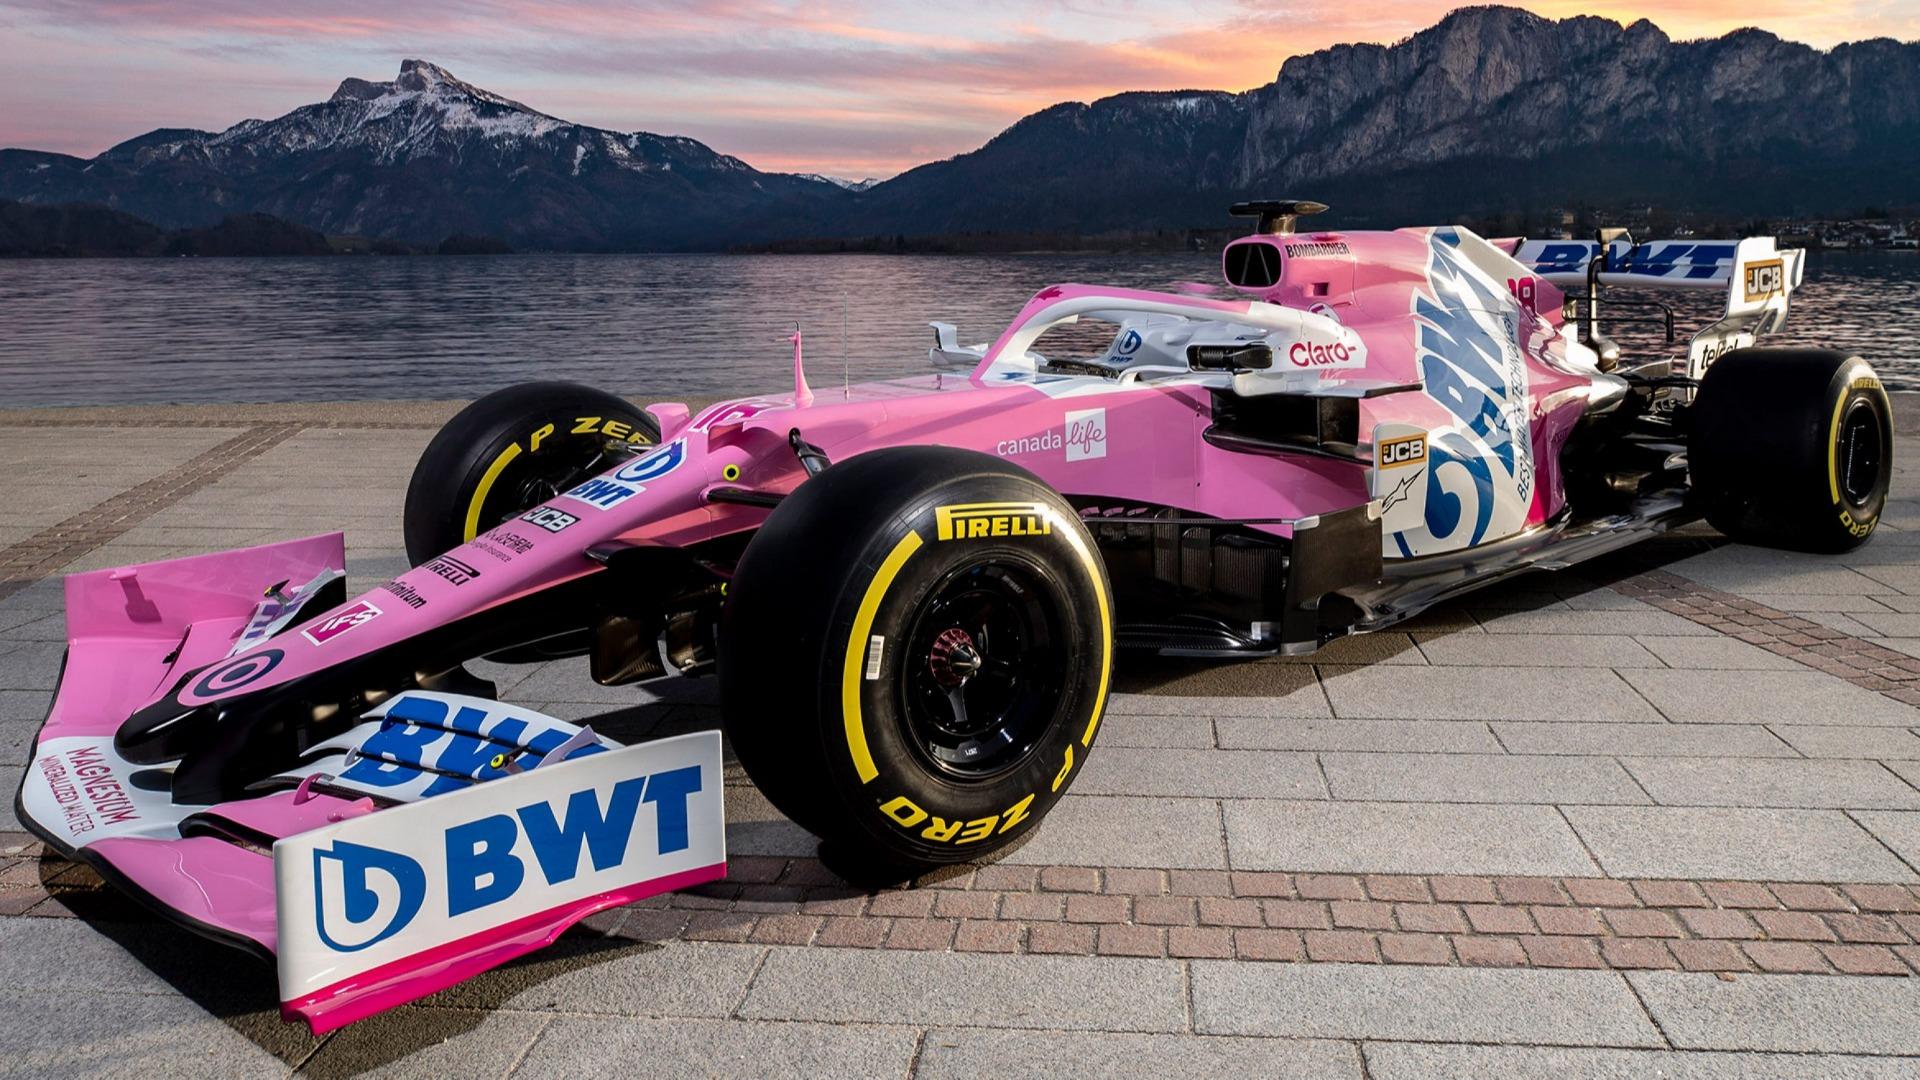 Formel 1 sesongen 2020!